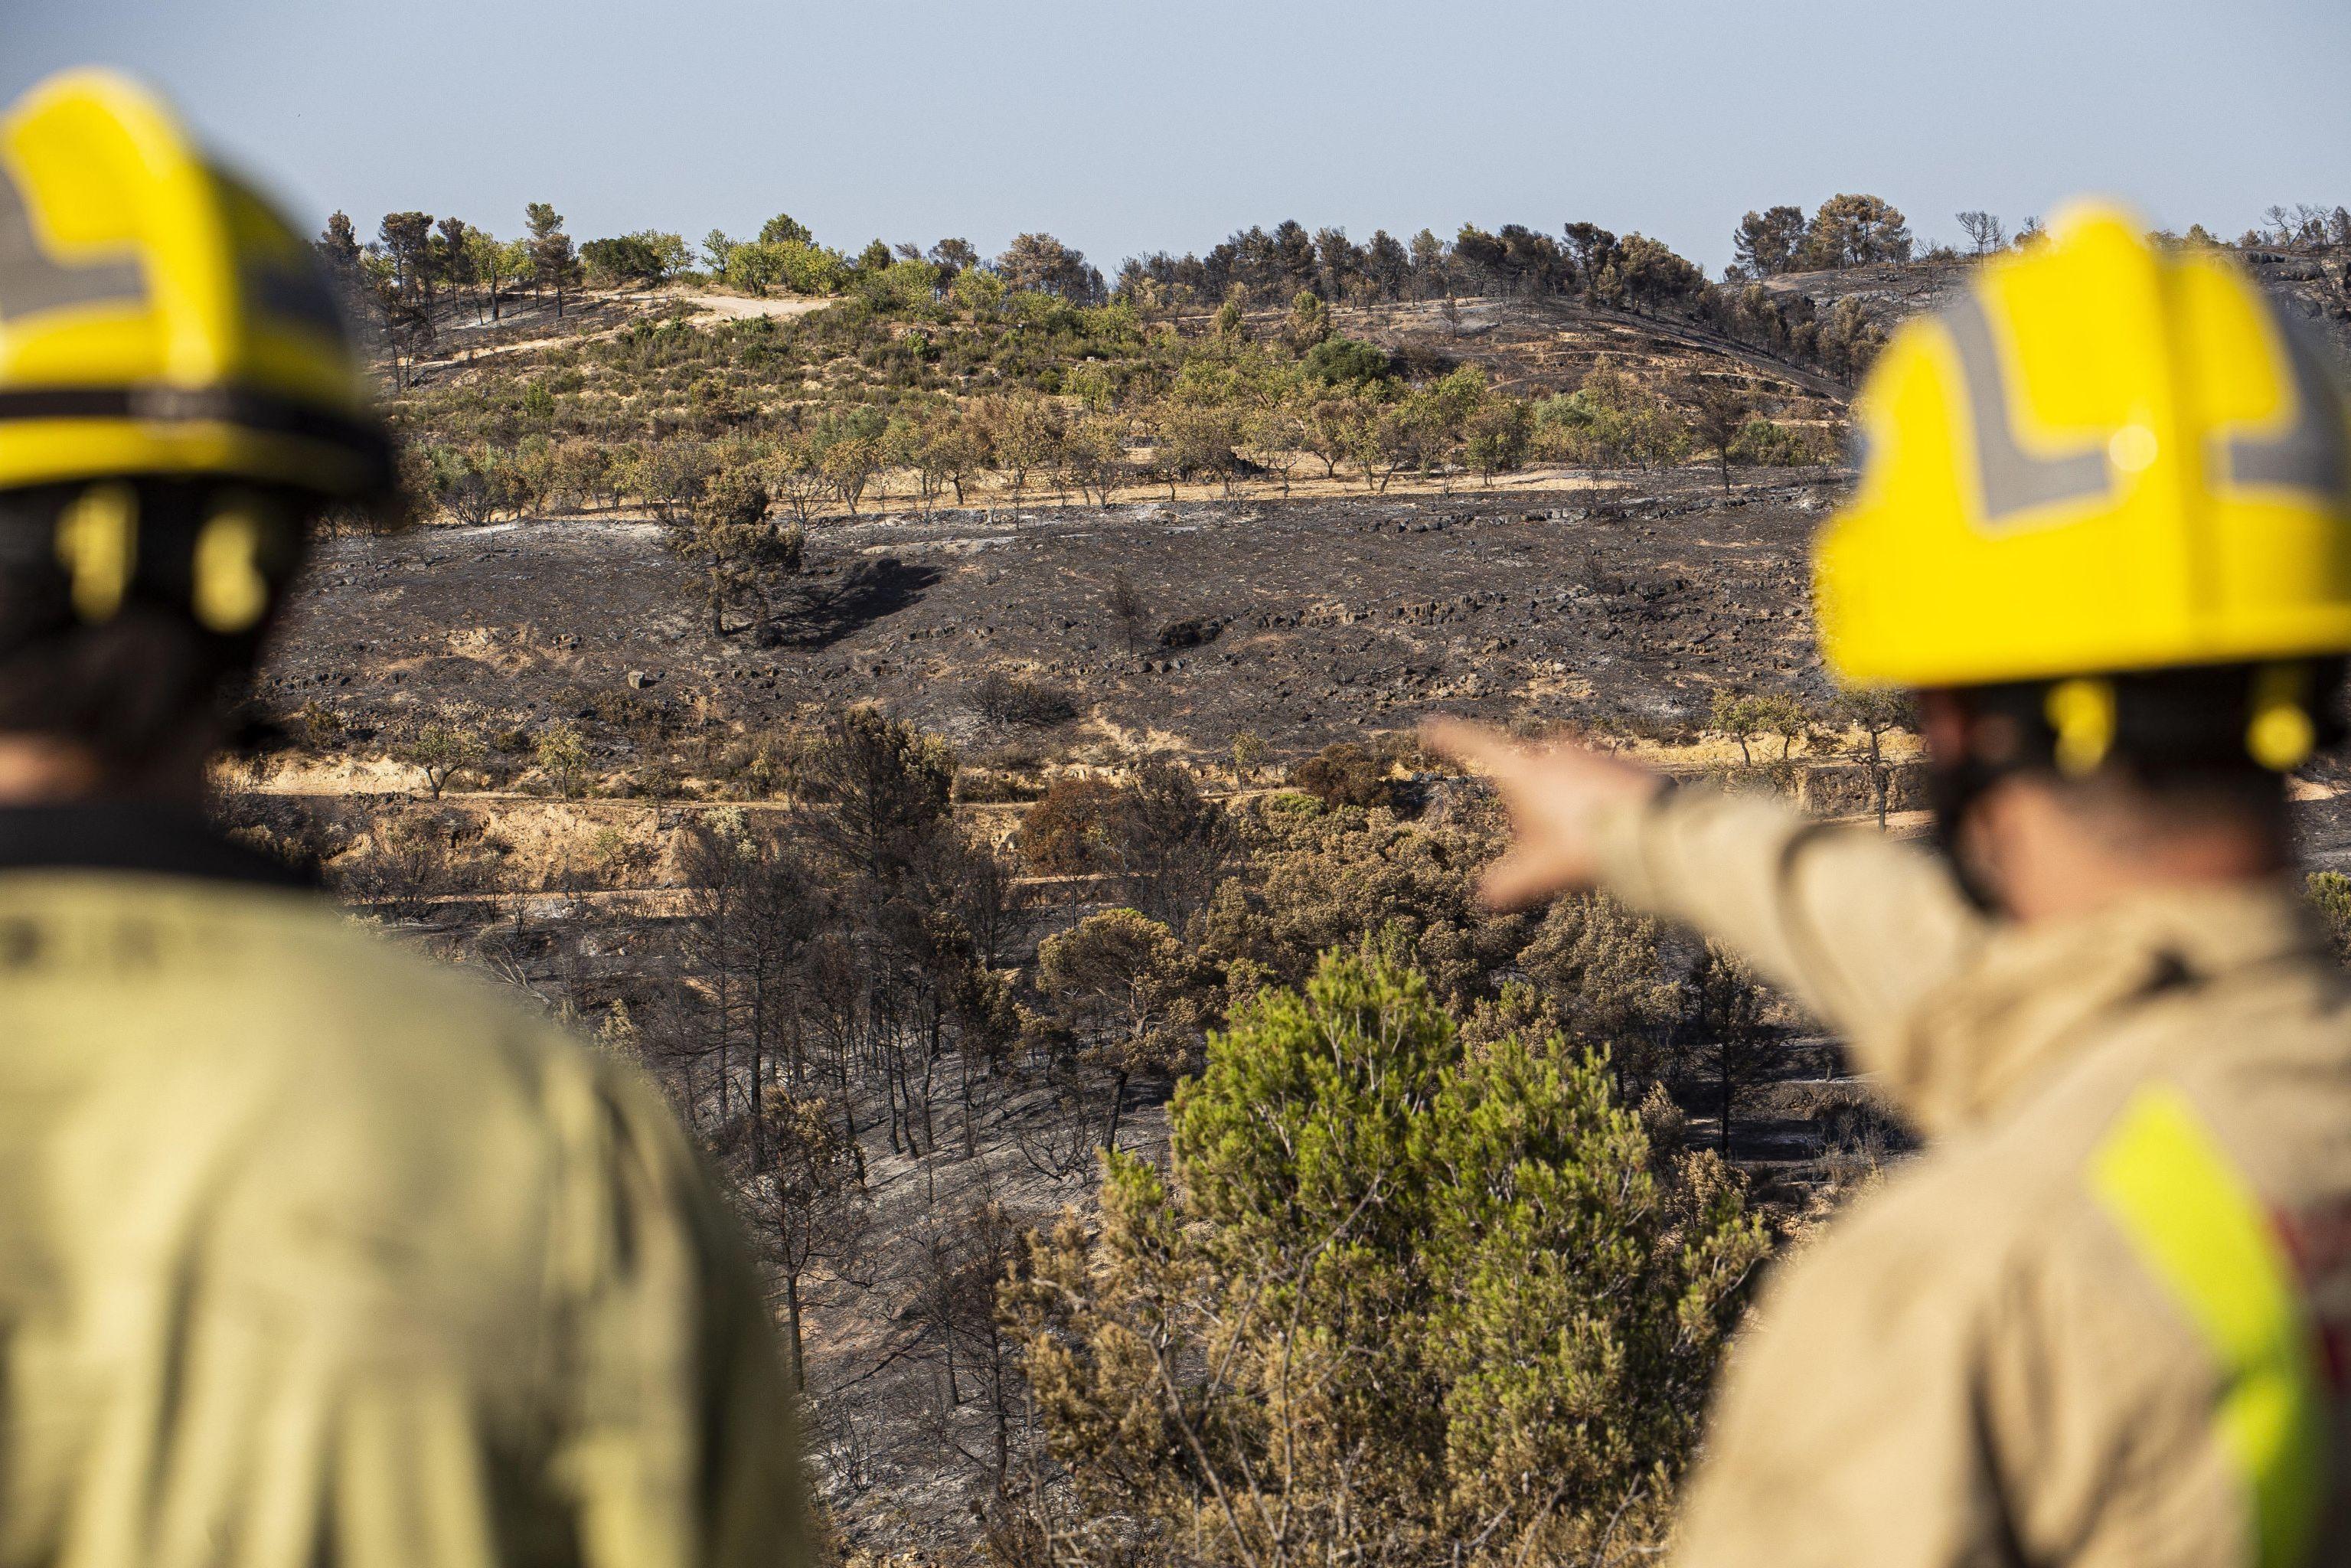 Junto a las temperaturas, crece también la cantidad e intensidad de los incendios forestales por todo el mundo. En la foto: consecuencias de un incendio forestal en el norte de España.